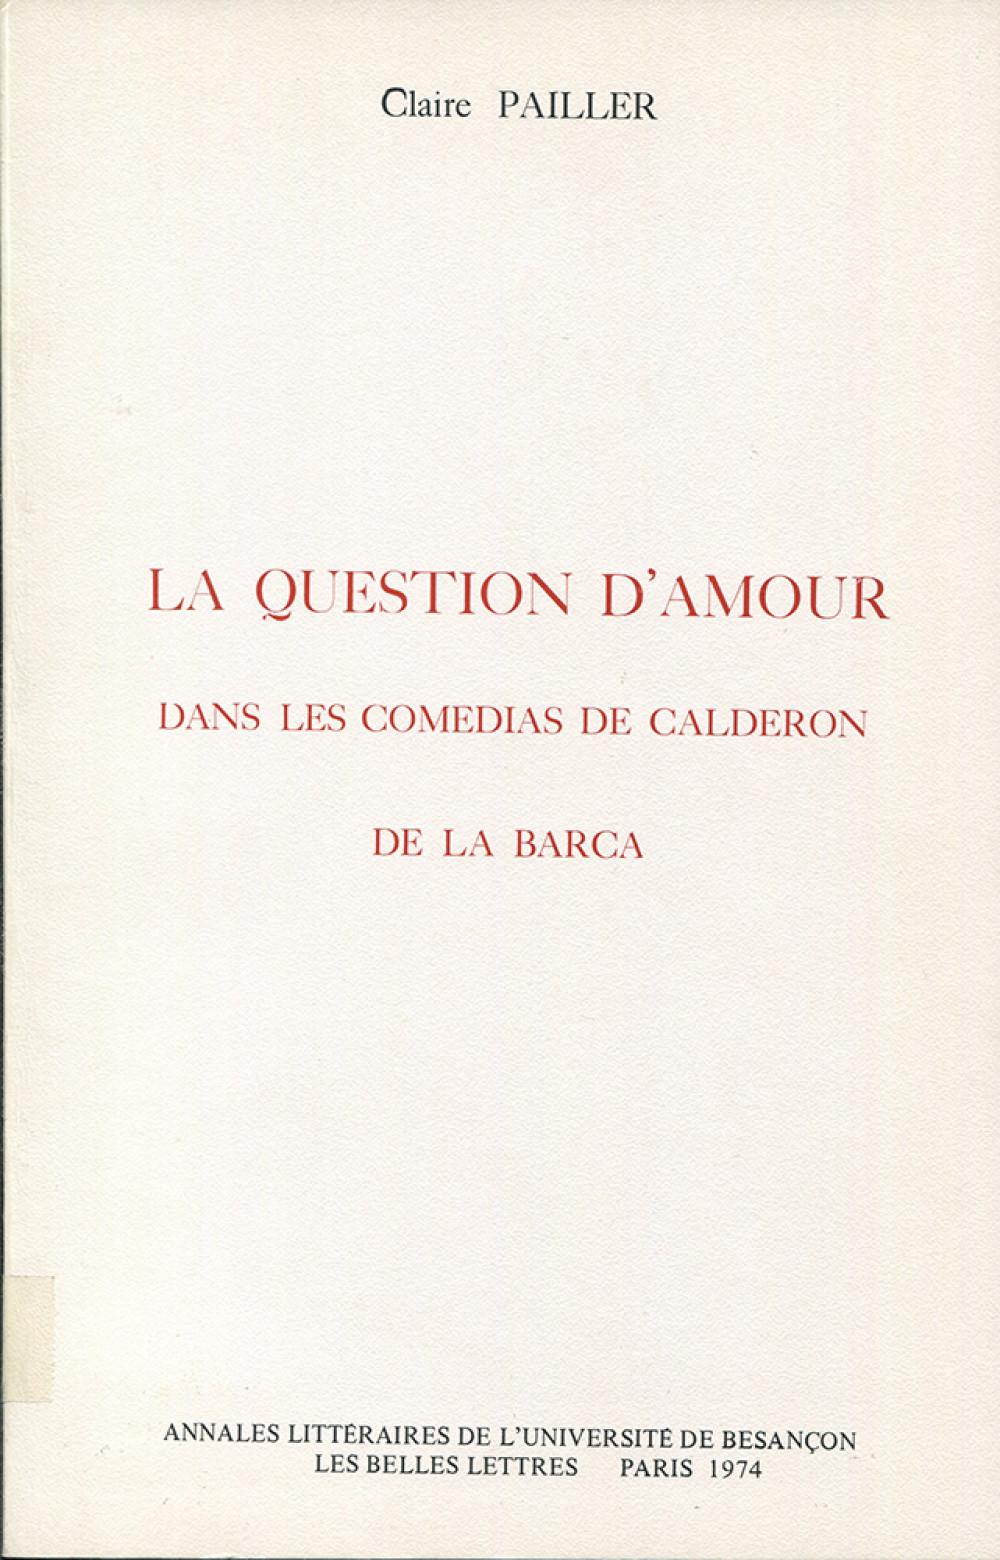 La question d'amour dans les comedias de Calderon de la Barca